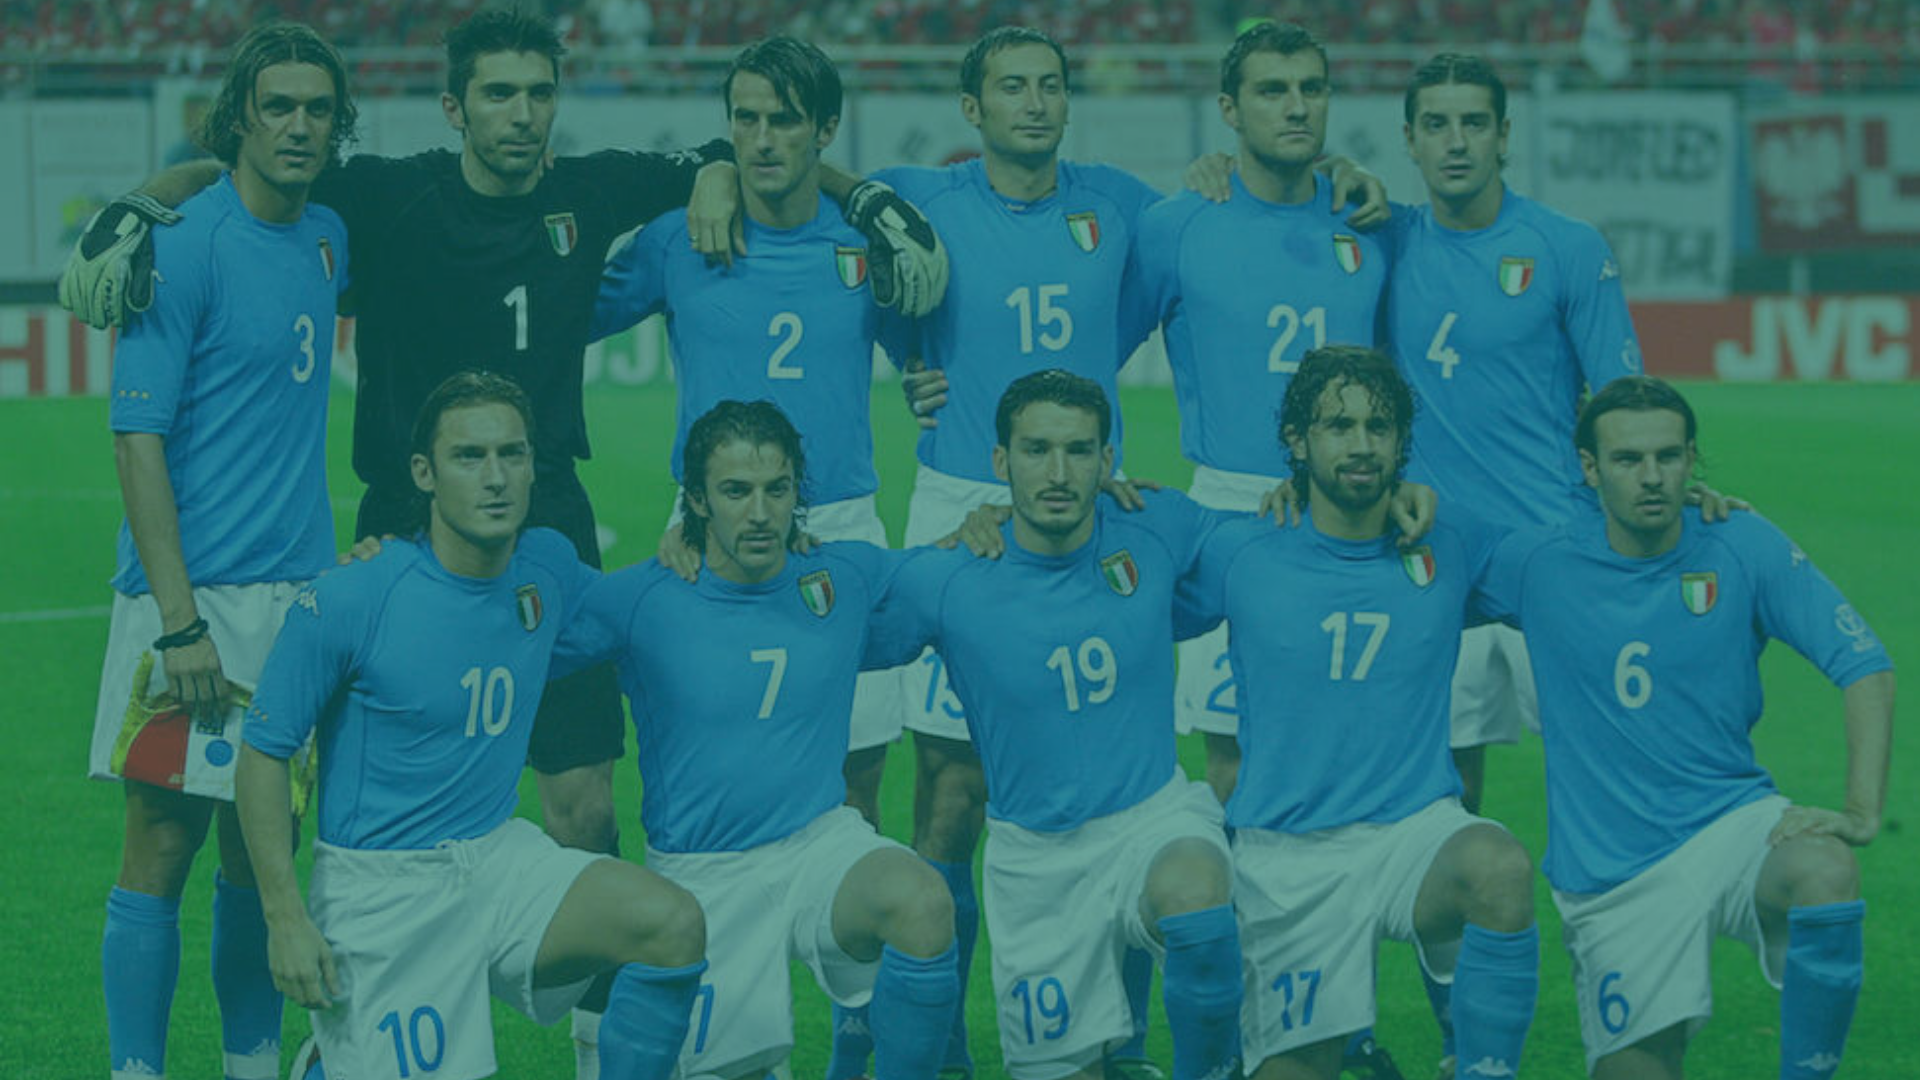 Nazionale 2002